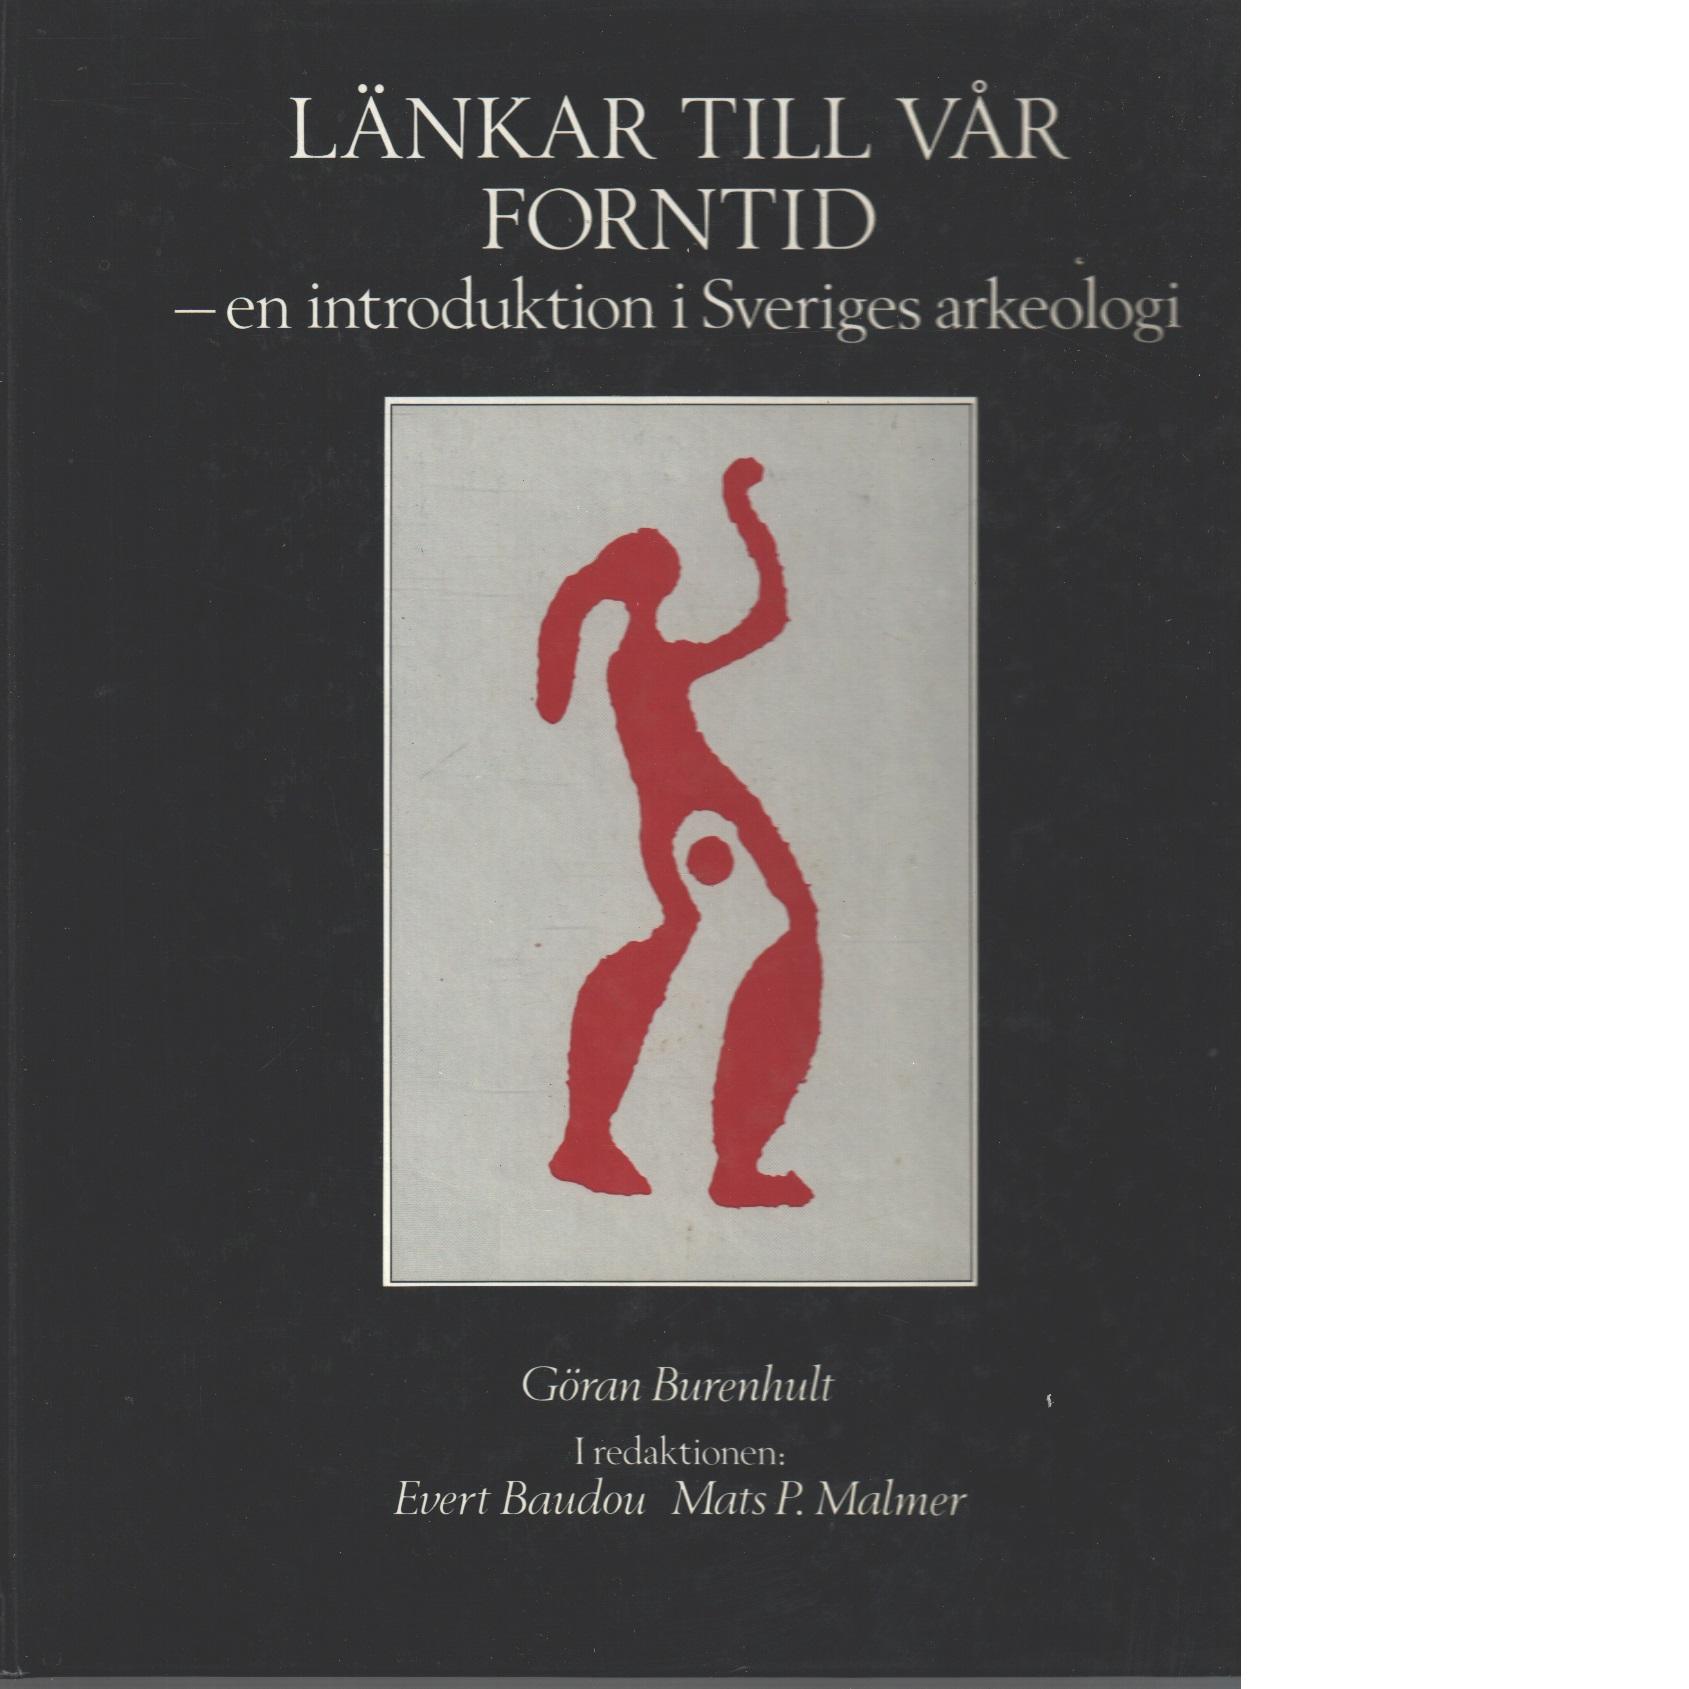 Länkar till vår forntid : en introduktion i Sveriges arkeologi - Burenhult, Göran